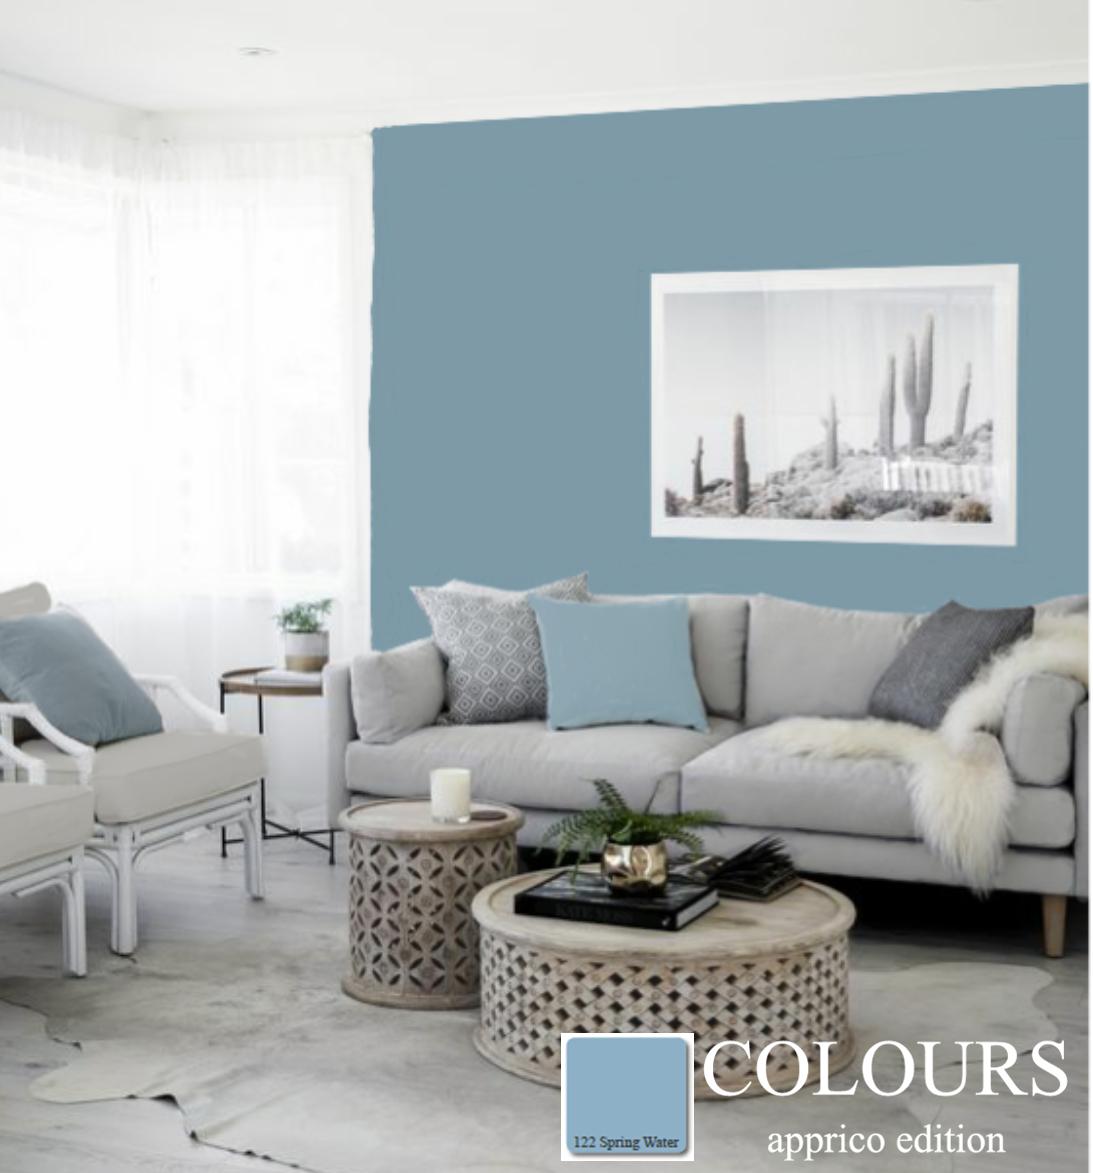 Wohnzimmer In Den Elementen Erde Und Wasser Appricocolours Farbgestaltung Farbkonzepte Premiumfarbkarte Interio Wohnzimmermobel Raumgestaltung Feng Shui